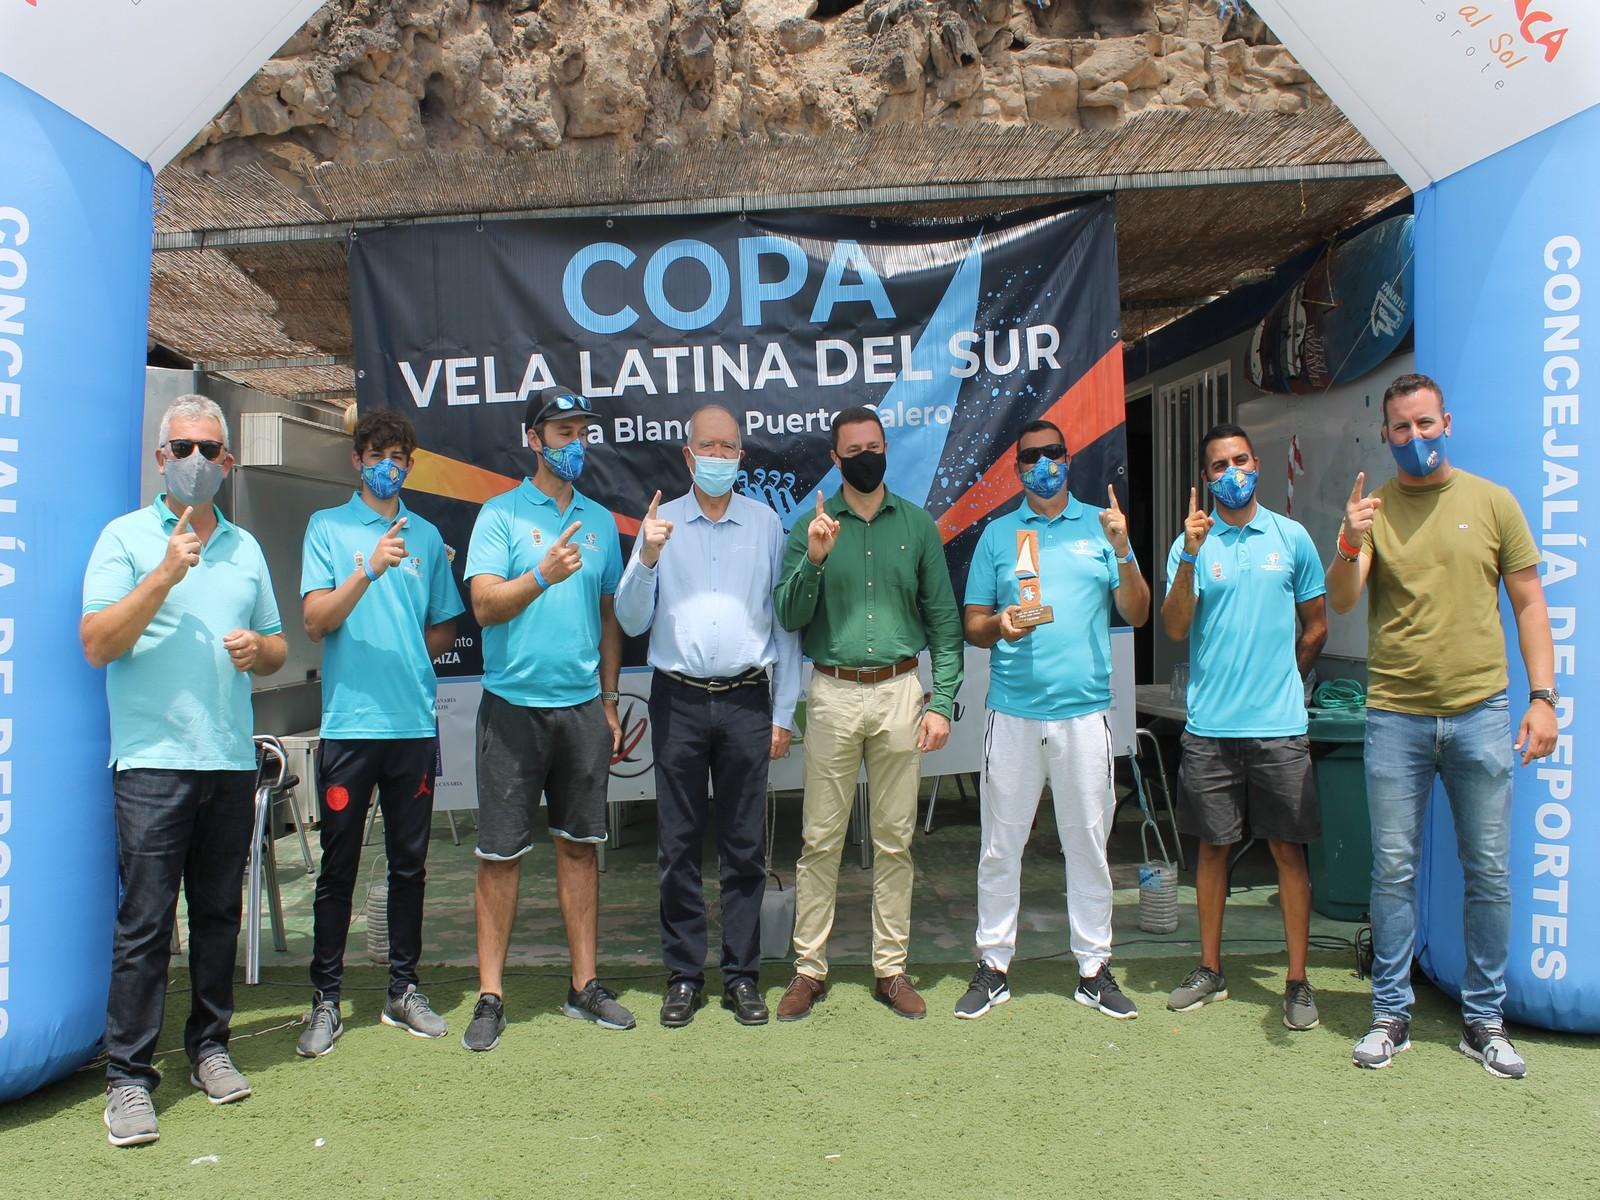 Copa Vela Latina del Sur (Lanzarote) / CanariasNoticias.es